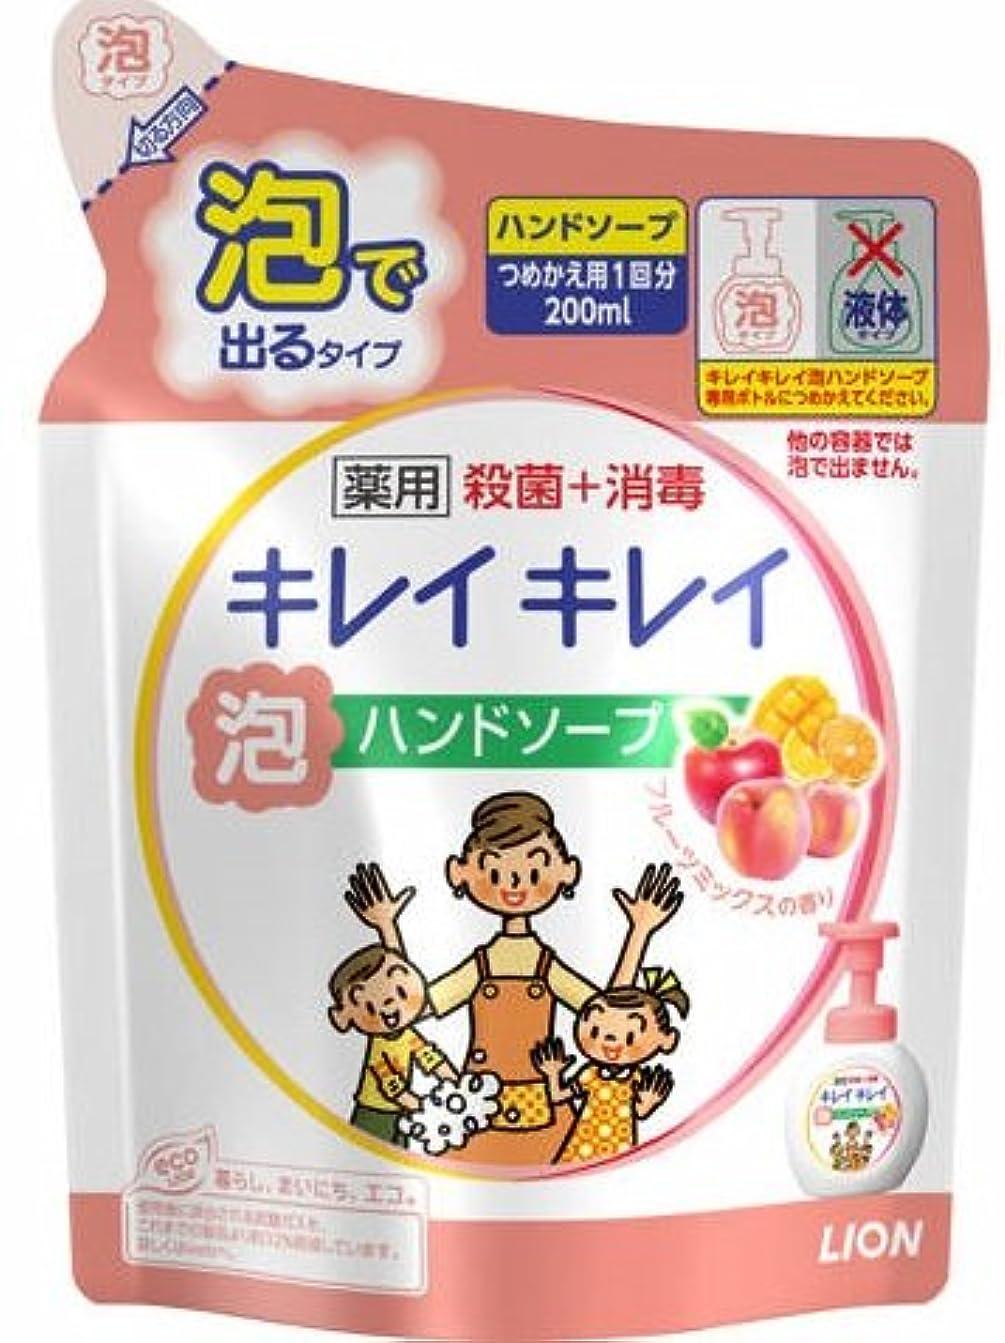 アスリート幹追い払うキレイキレイ 薬用泡ハンドソープ フルーツミックスの香り つめかえ用 通常サイズ 200ml ×10個セット